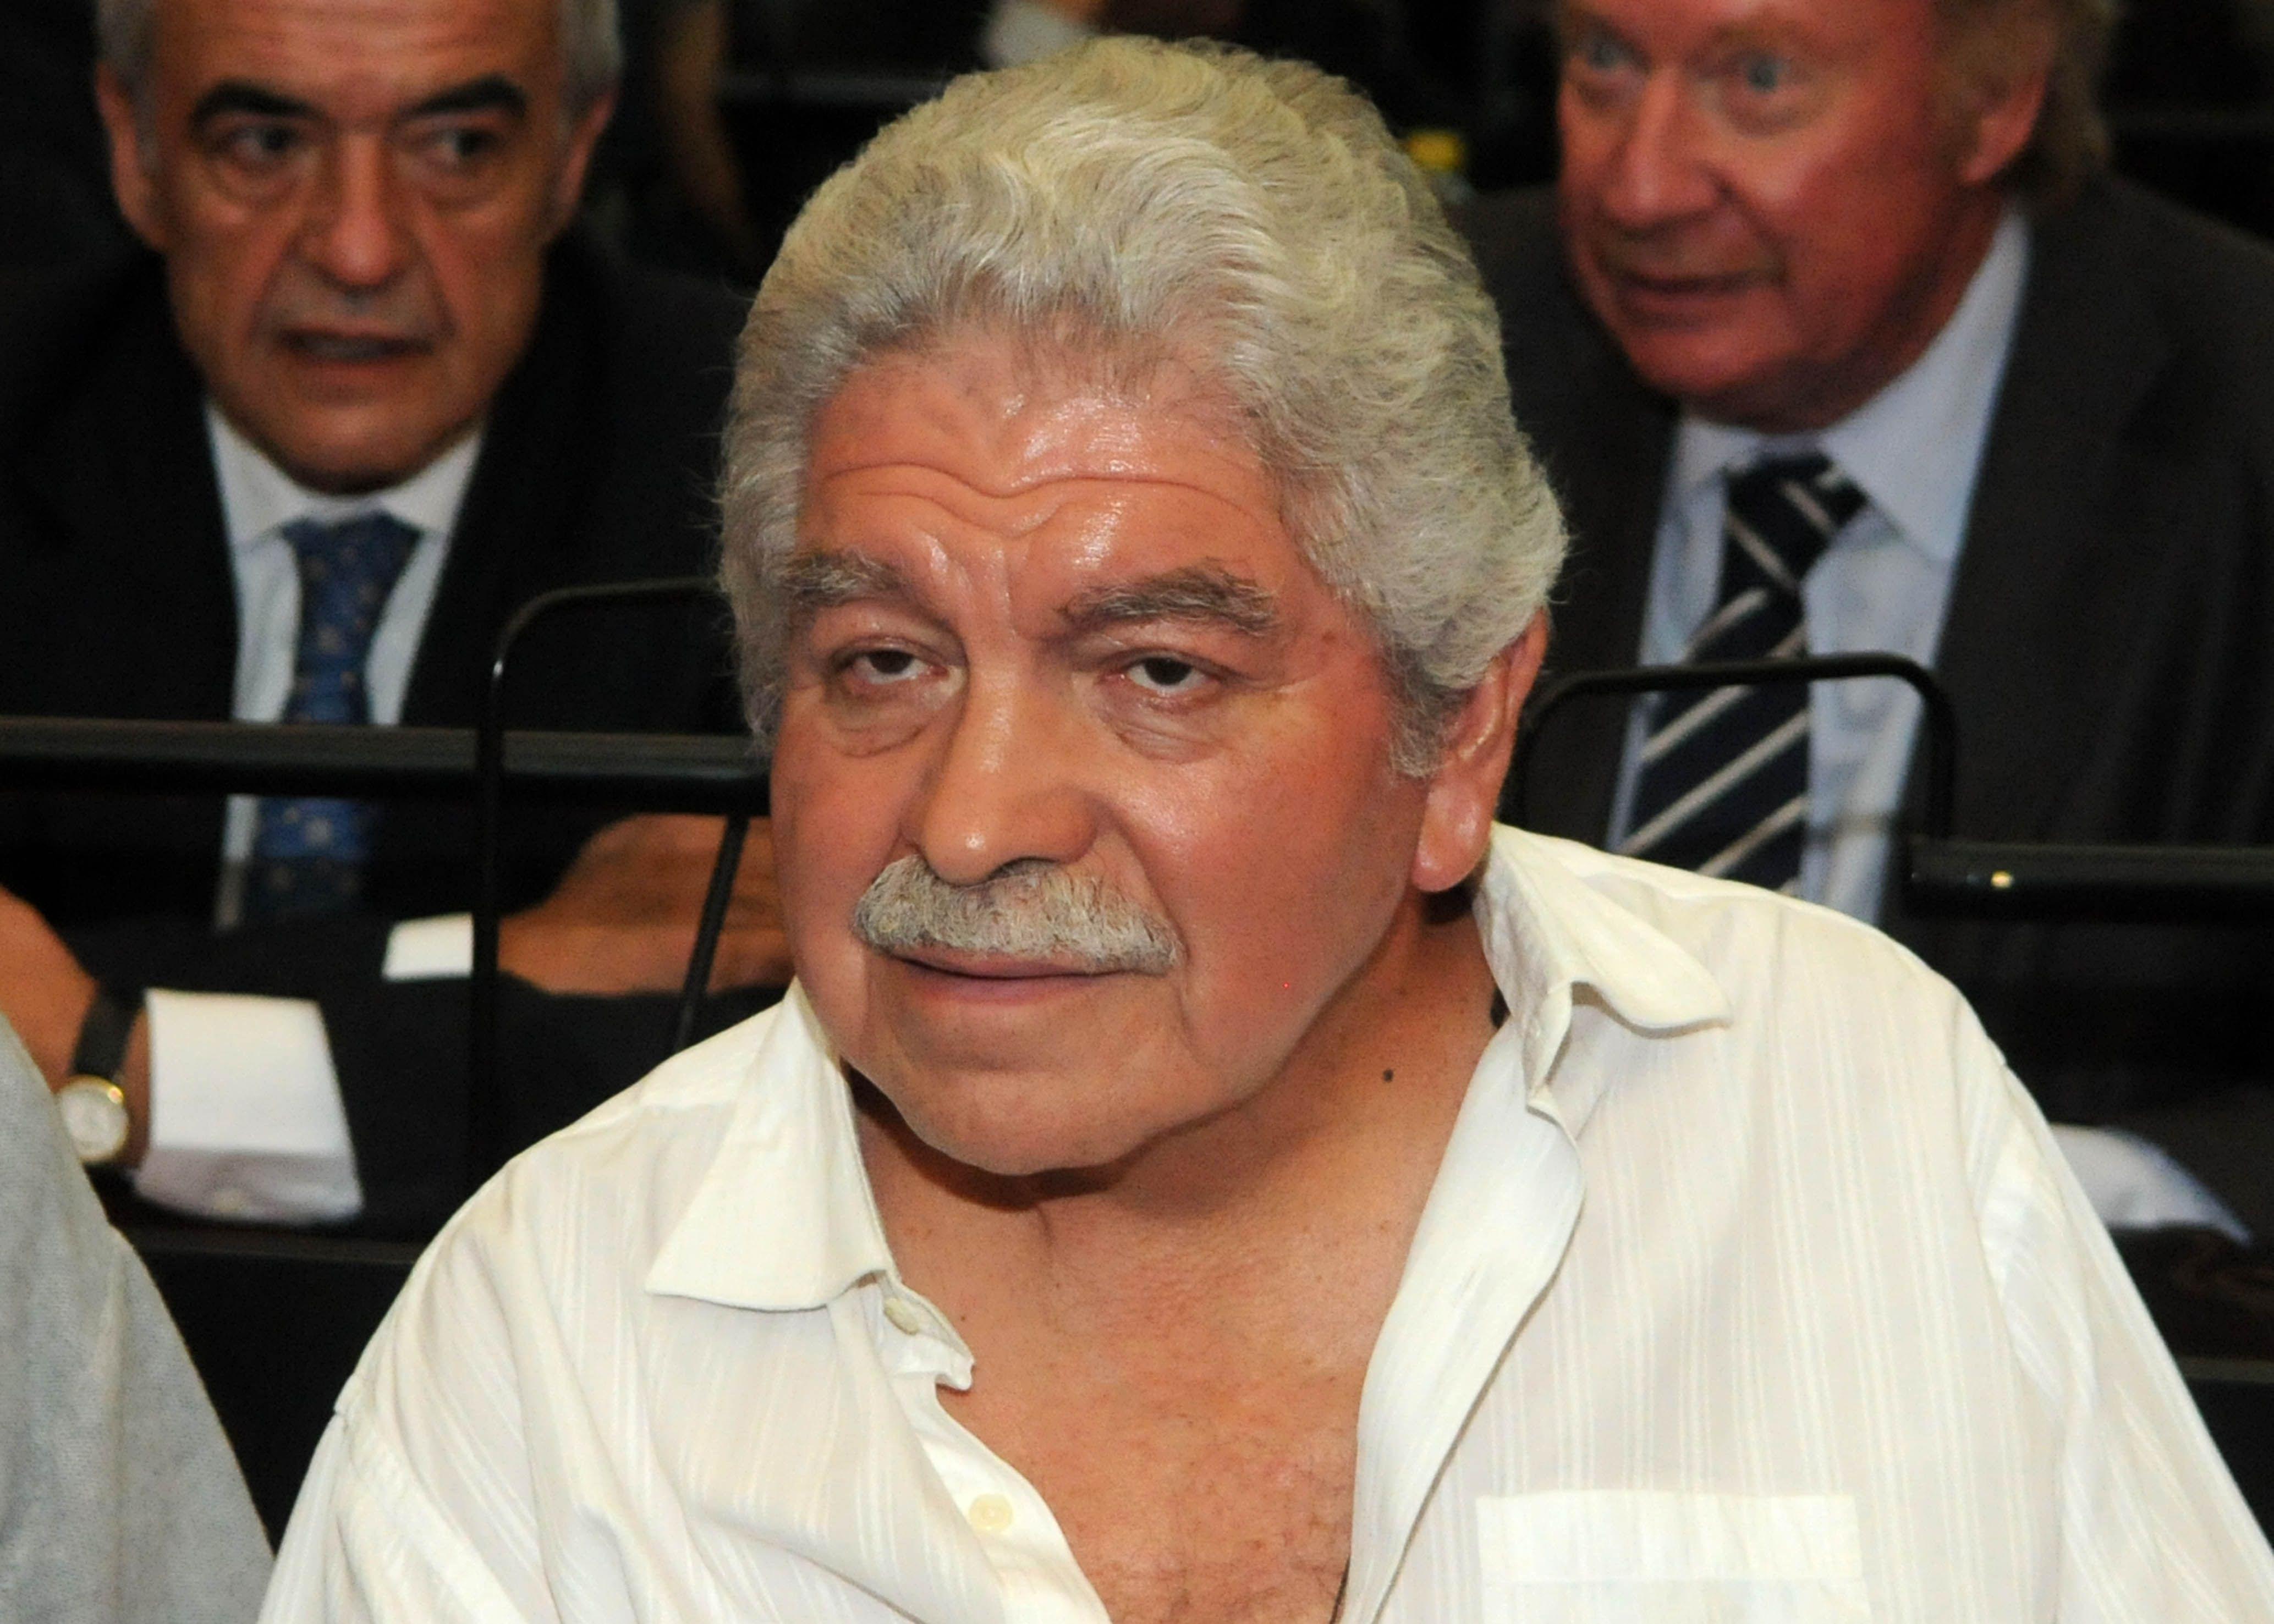 Indagan a Jaime, Pedraza y a 54 personas más por corrupción